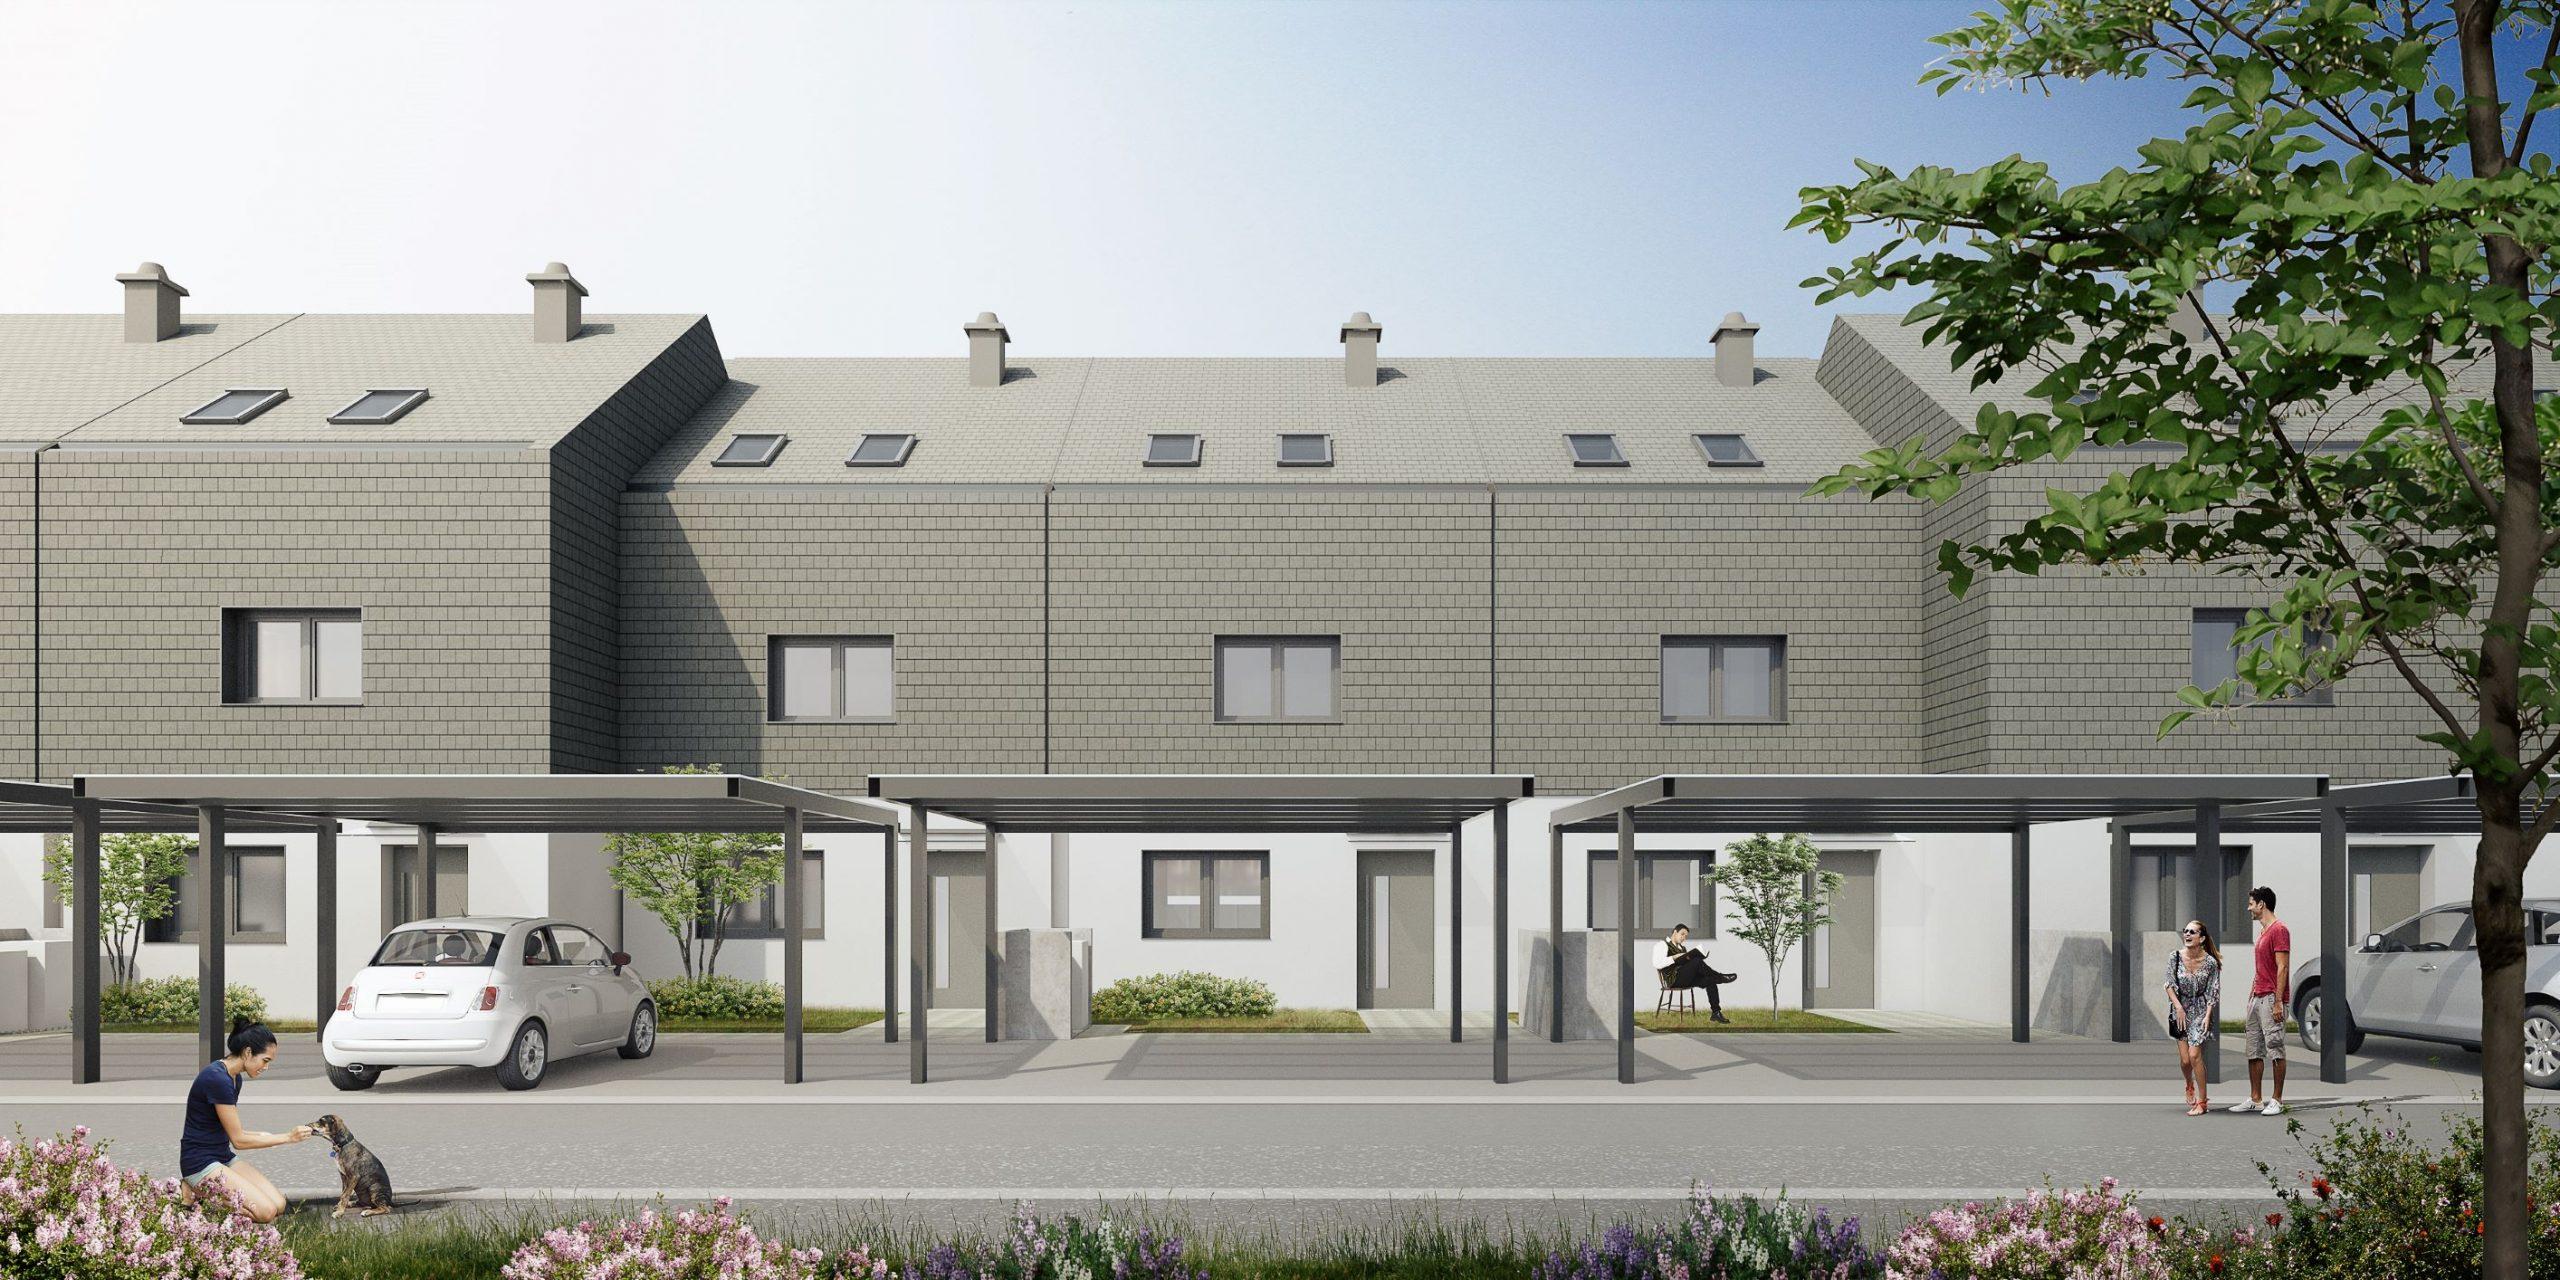 Nova soseska vrstnih hiš Med javorji v Kašlju